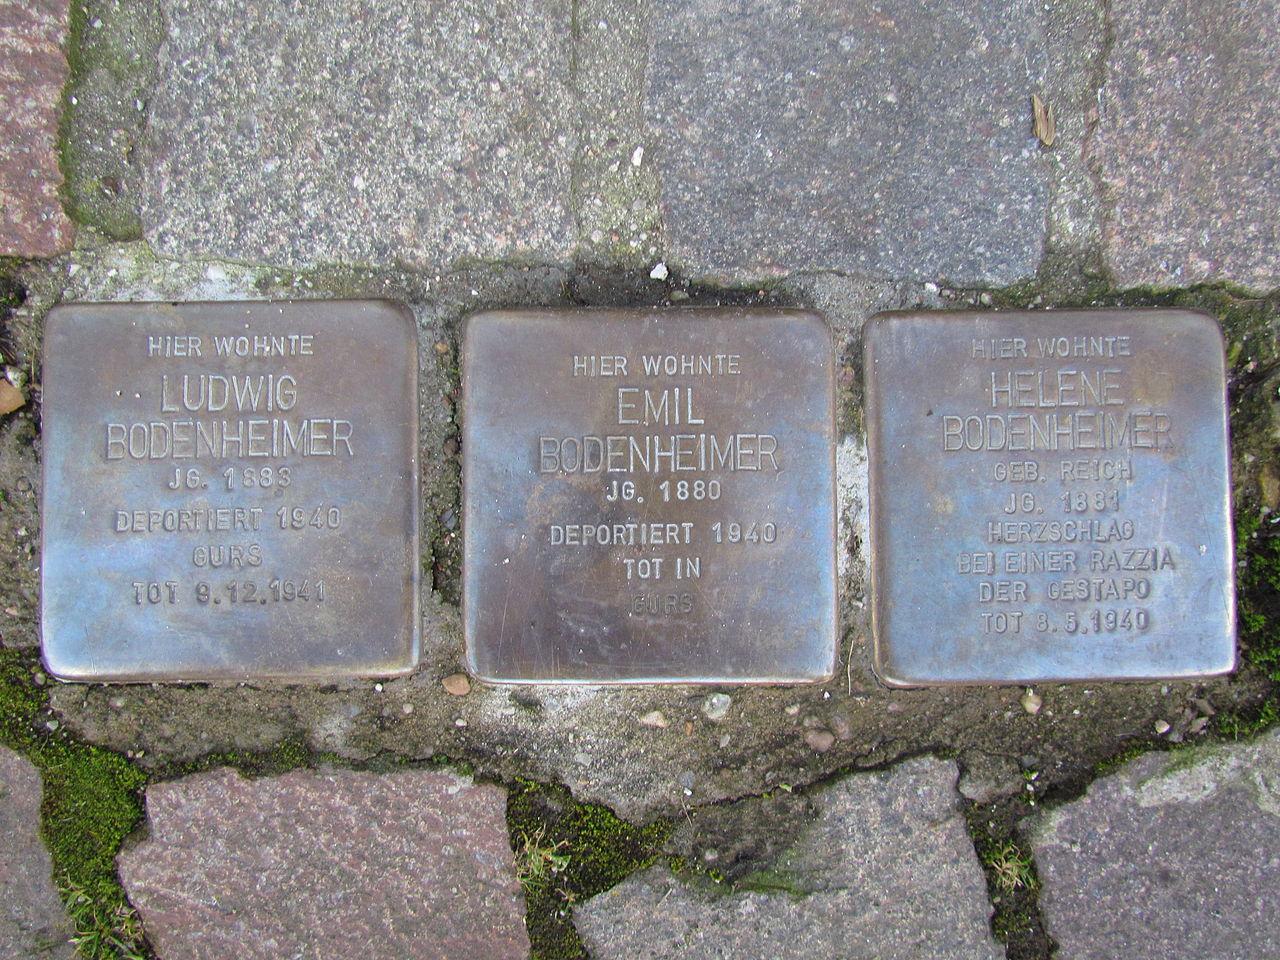 Stolpersteine in Ettlingen Bodenheimer Pforzheimer Str 10 (fcm).jpg